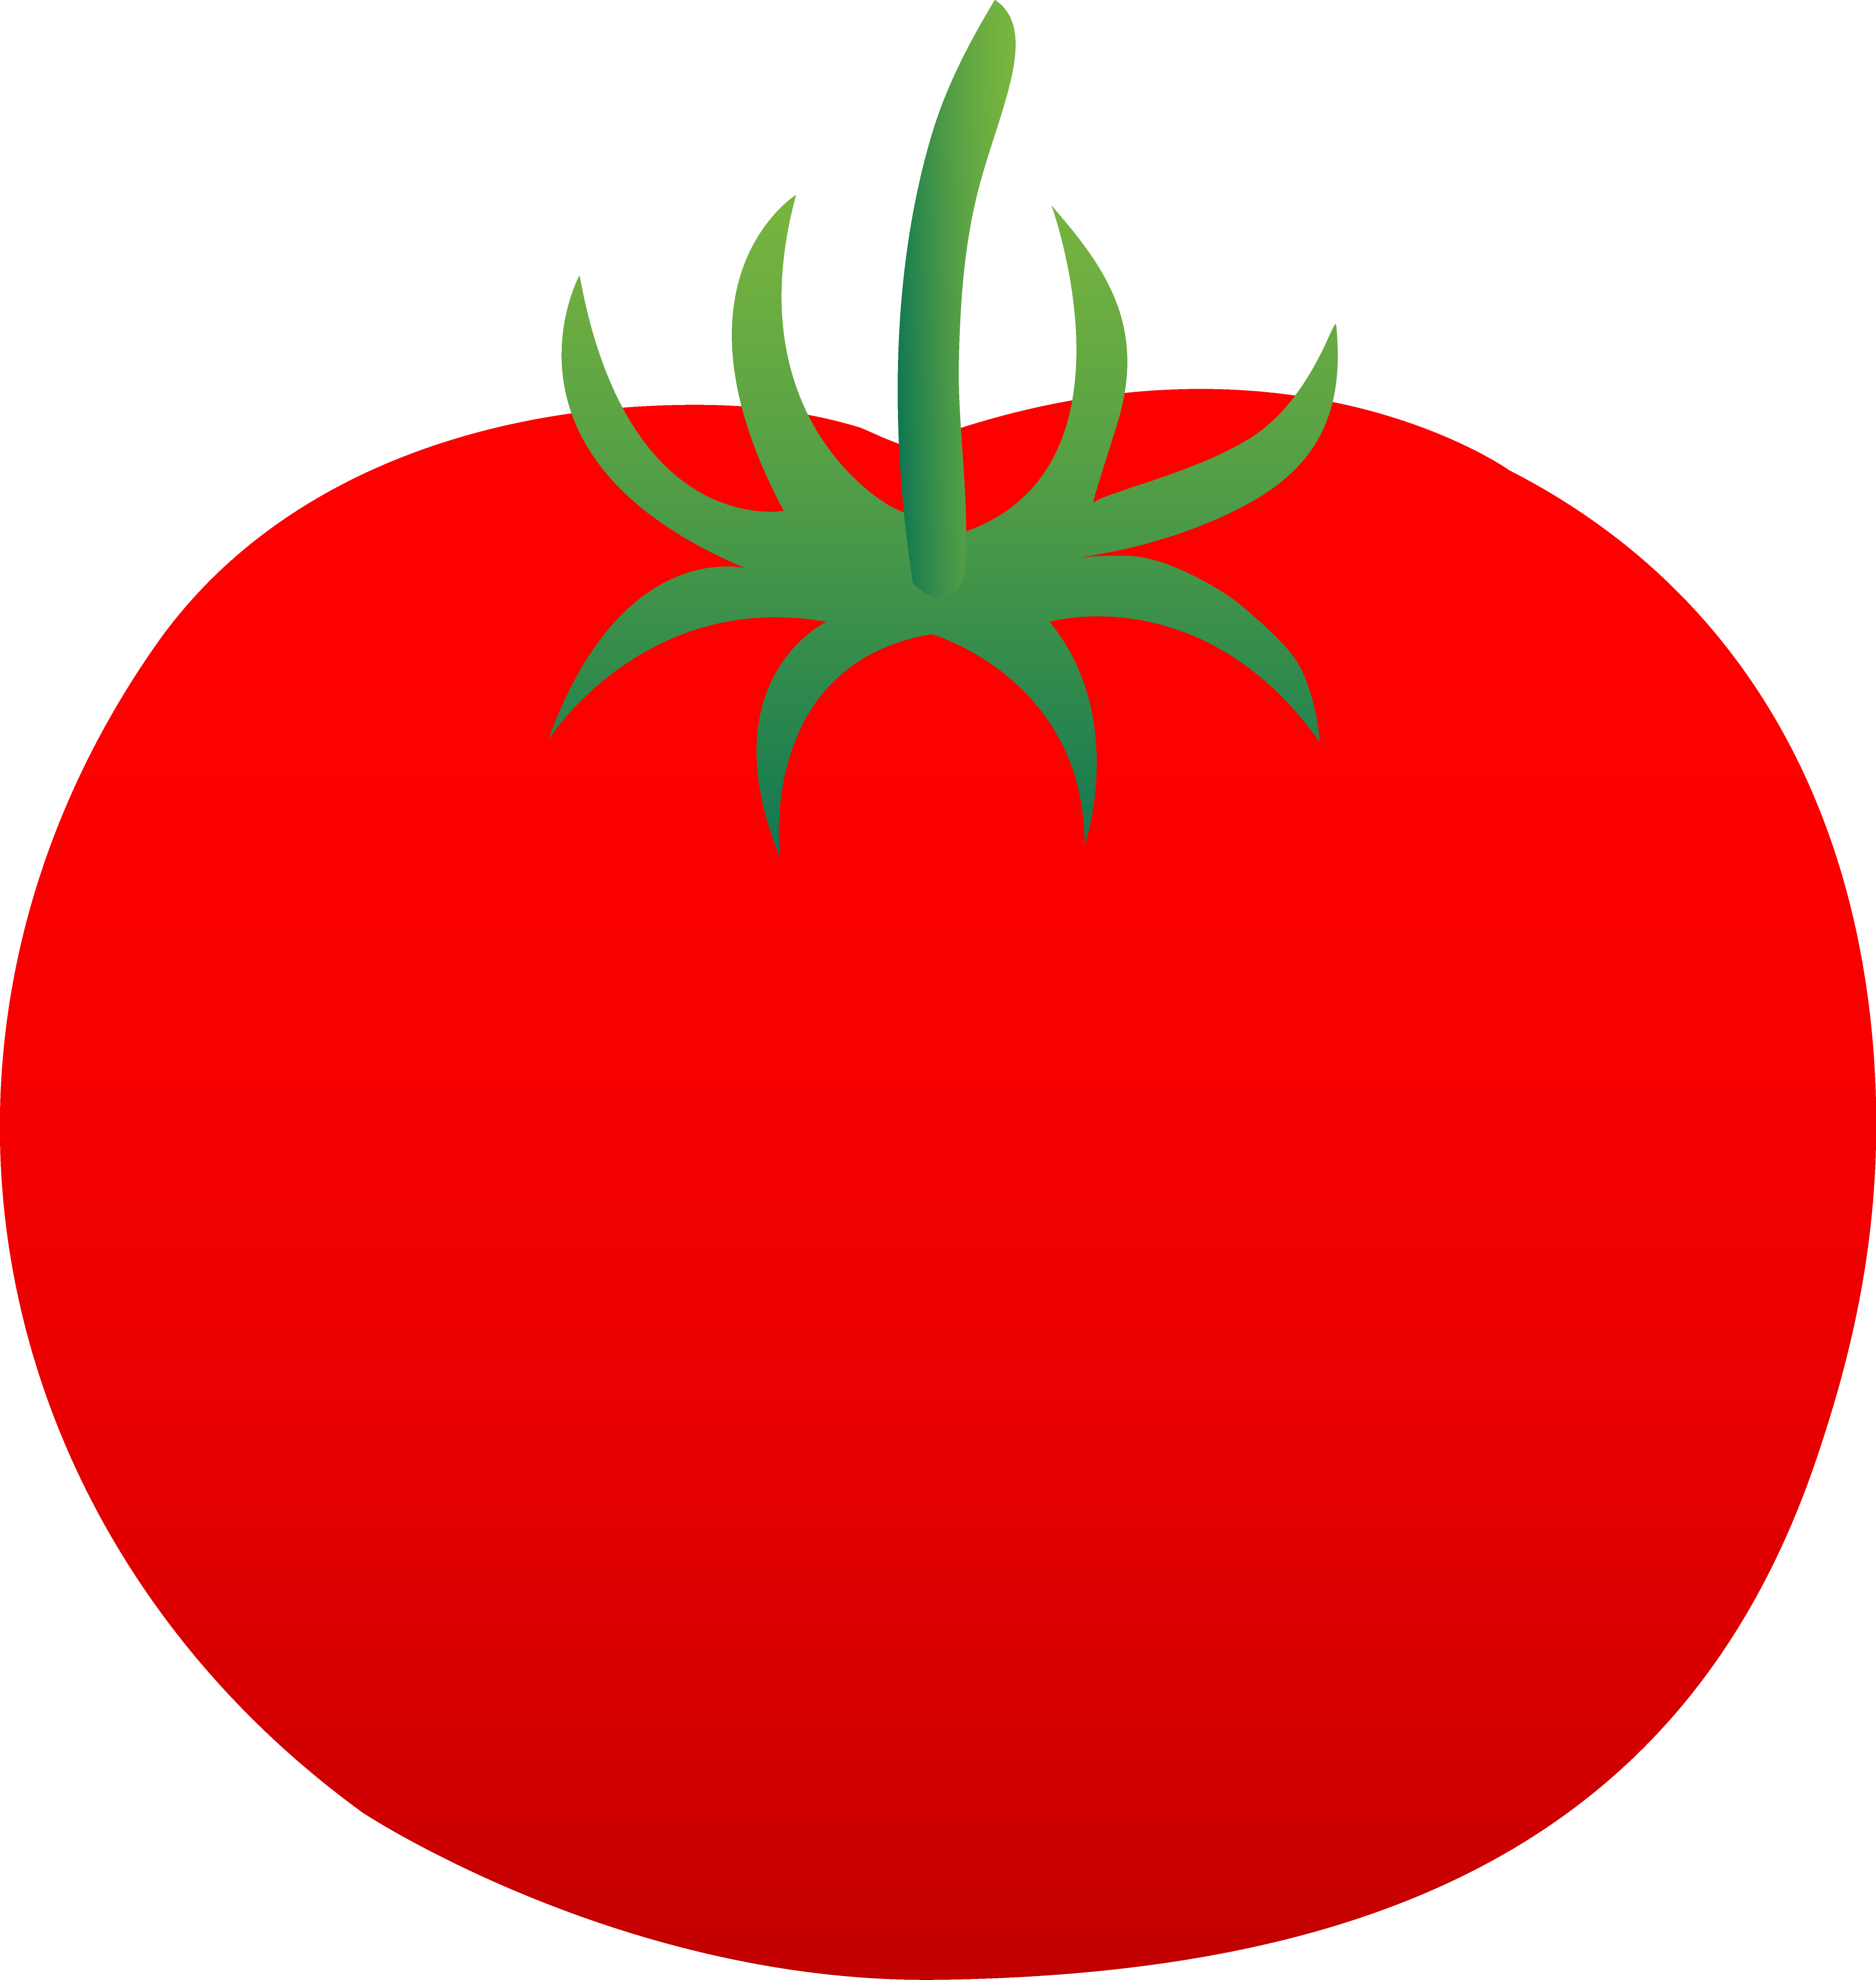 3794x4004 Fruit Vegetable Clip Art Free Clipart Vegetables Feebase Net 2